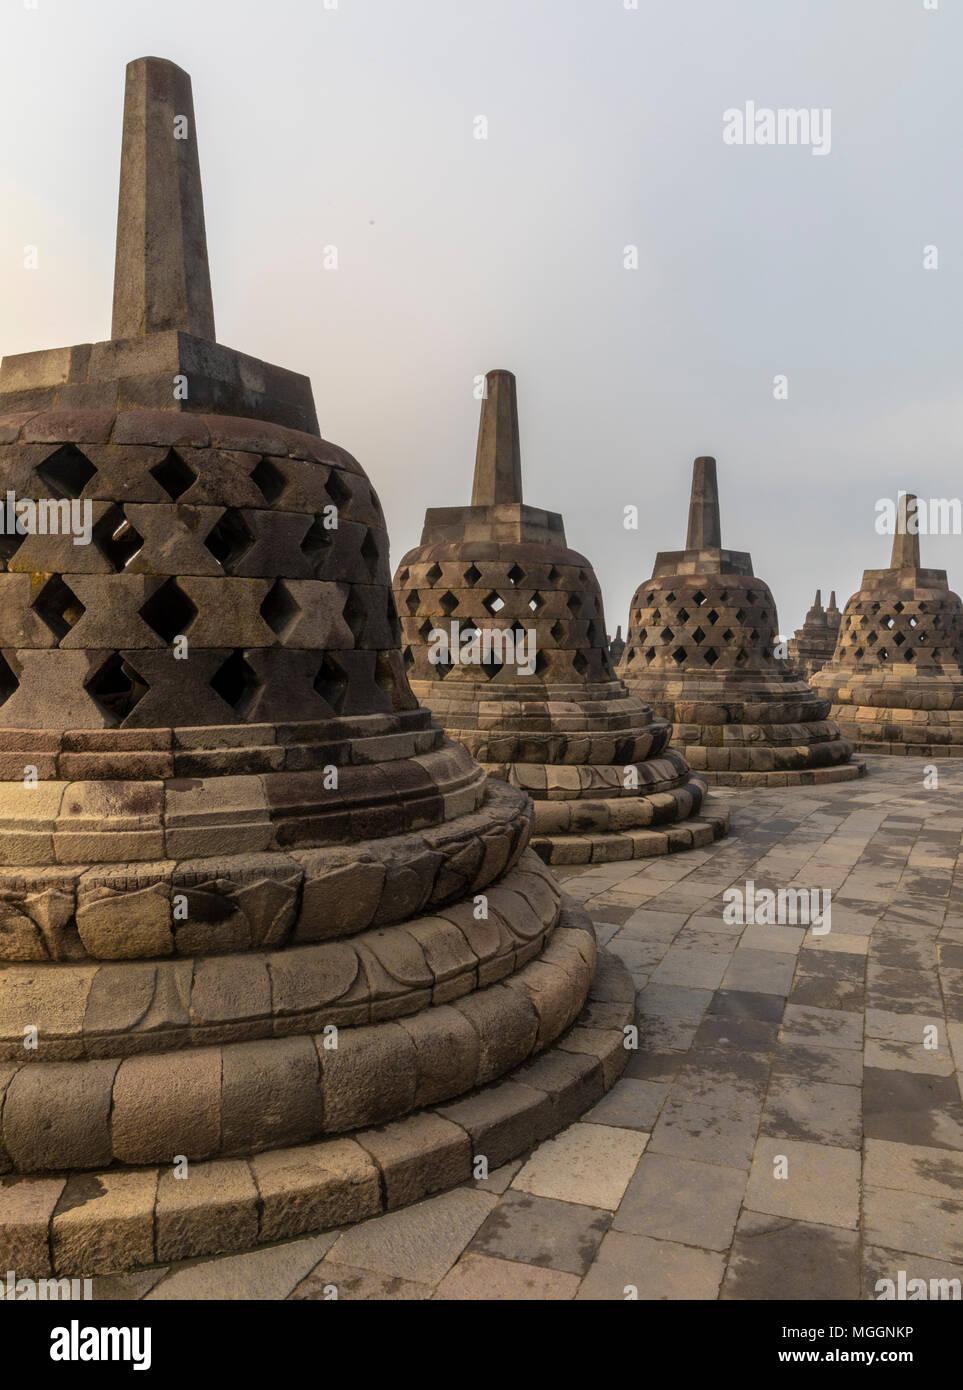 Stupas at Borobudur Buddhist Temple, Java, Indonesia - Stock Image